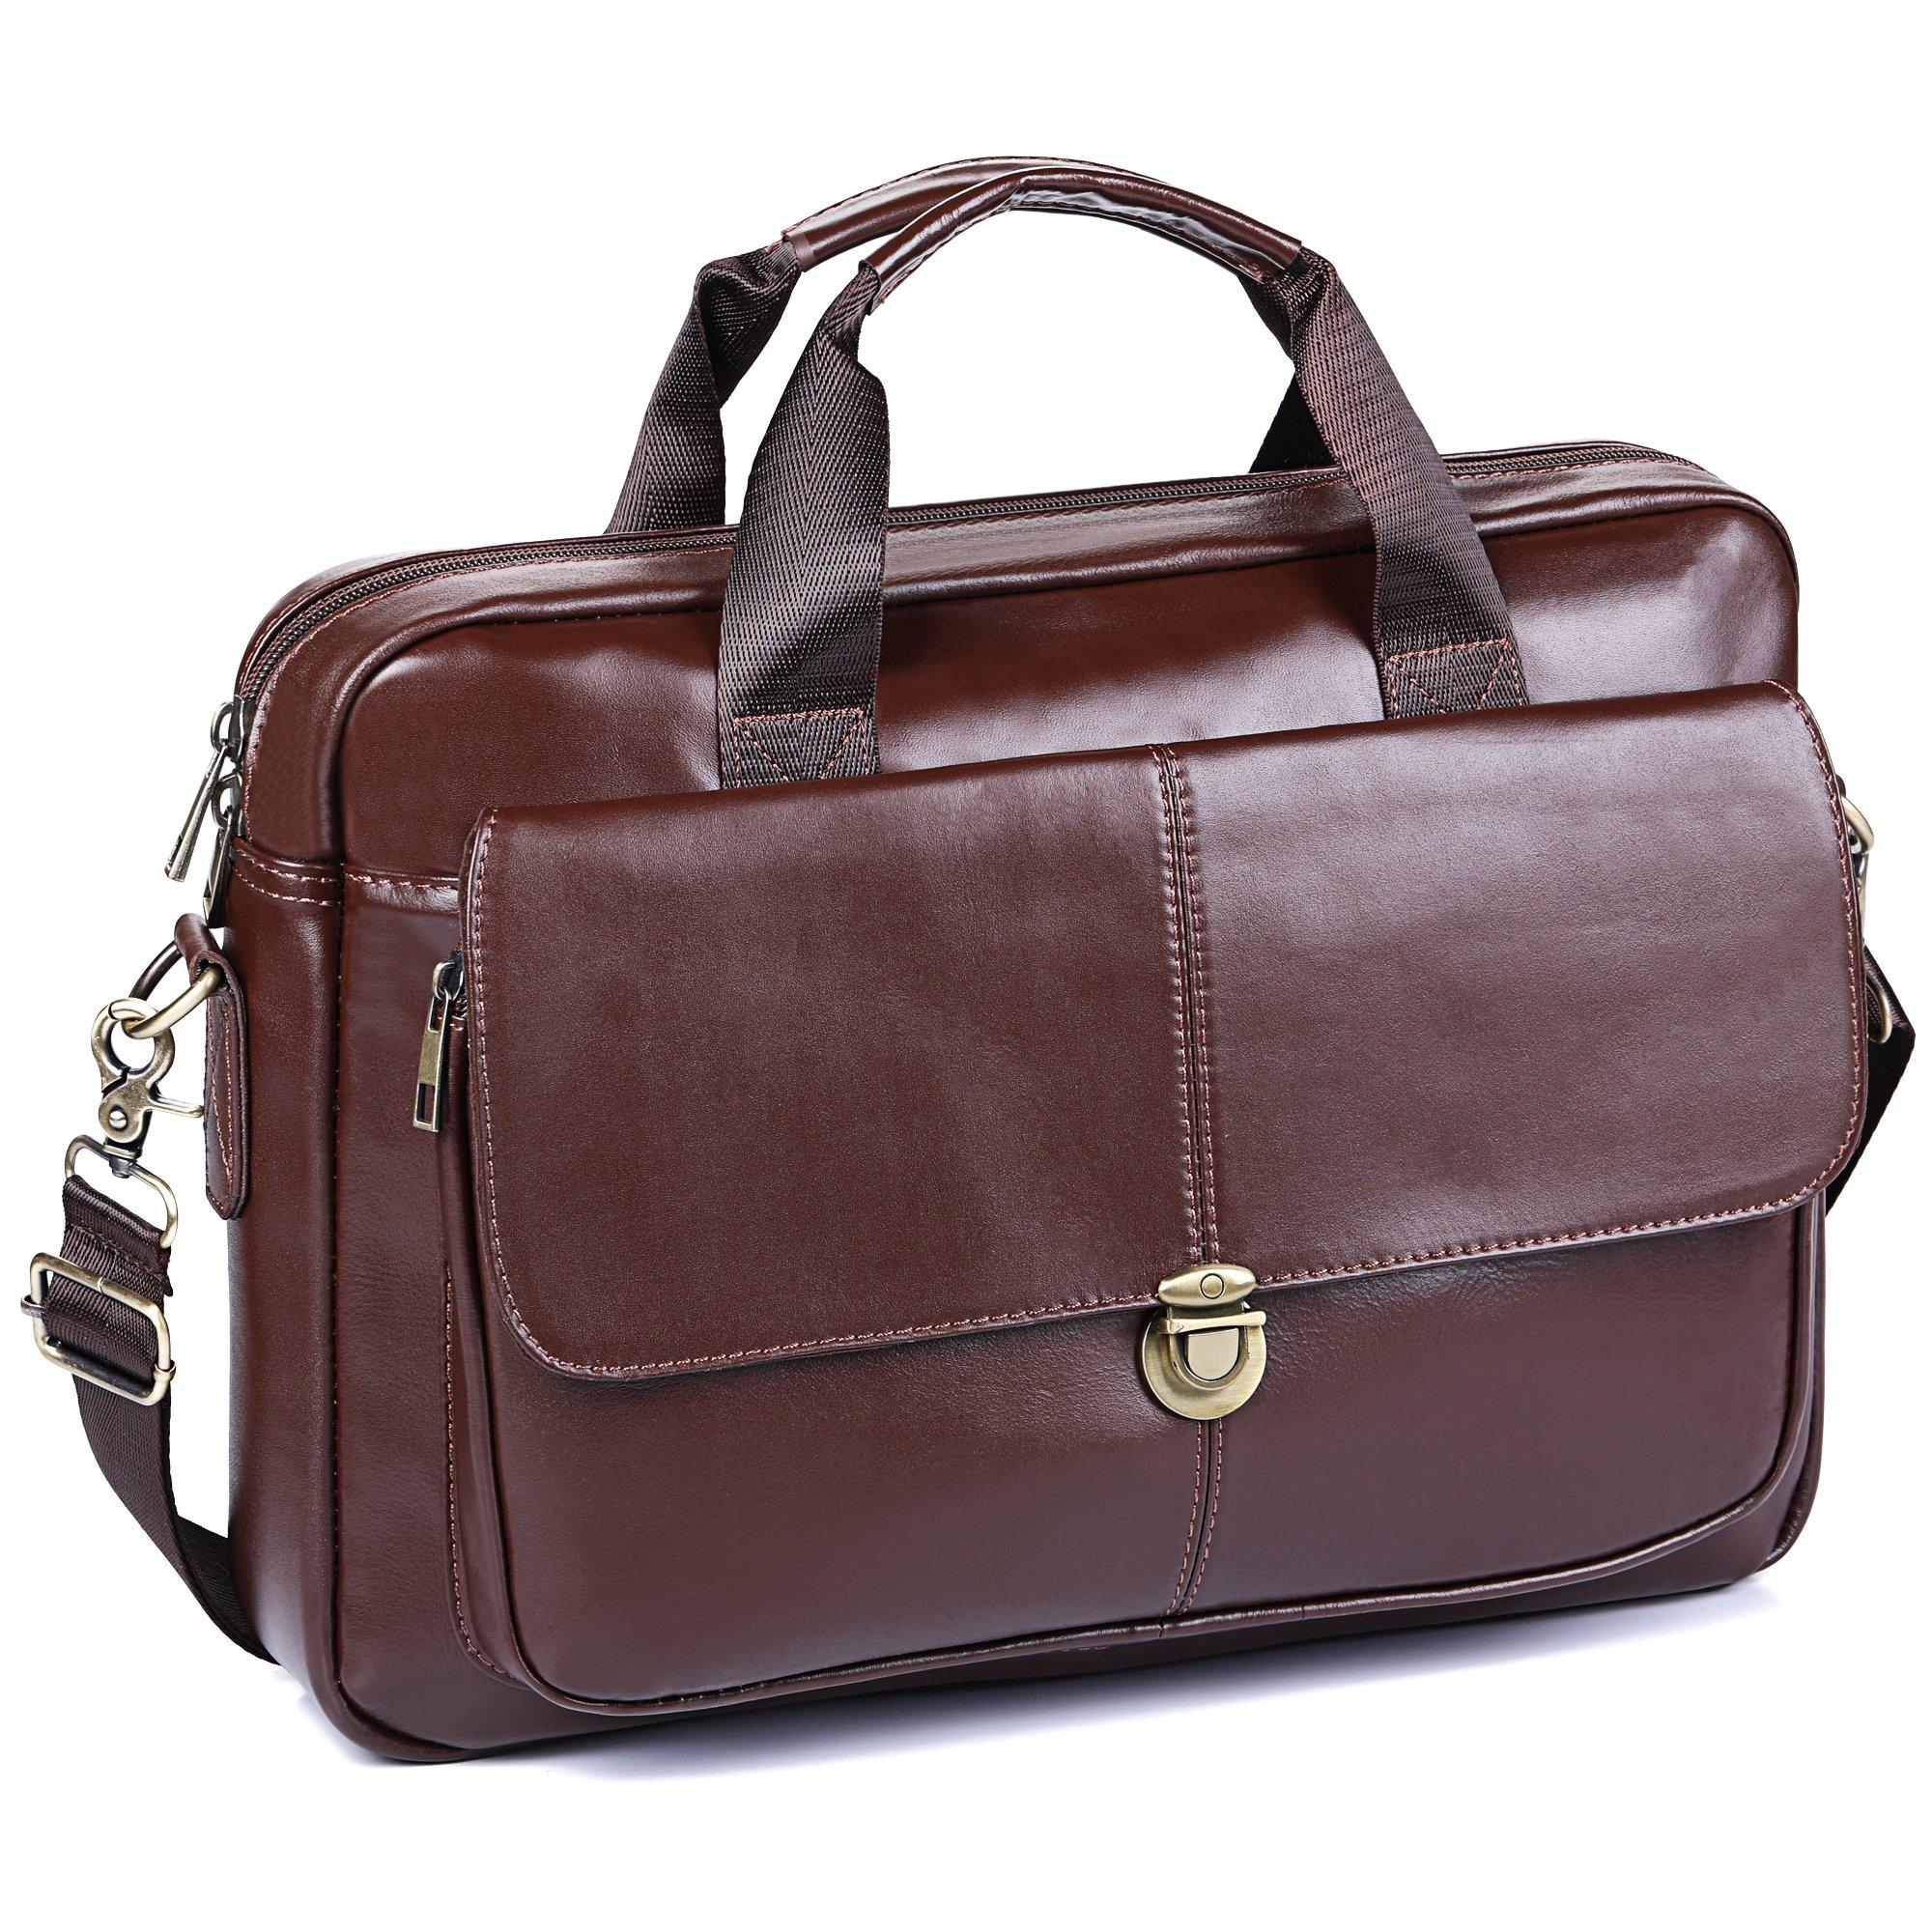 Men's Briefcase TECOOL Genuine Leather Laptop Business Shoulder Bag Messenger Bag Satchel Bag,Brown